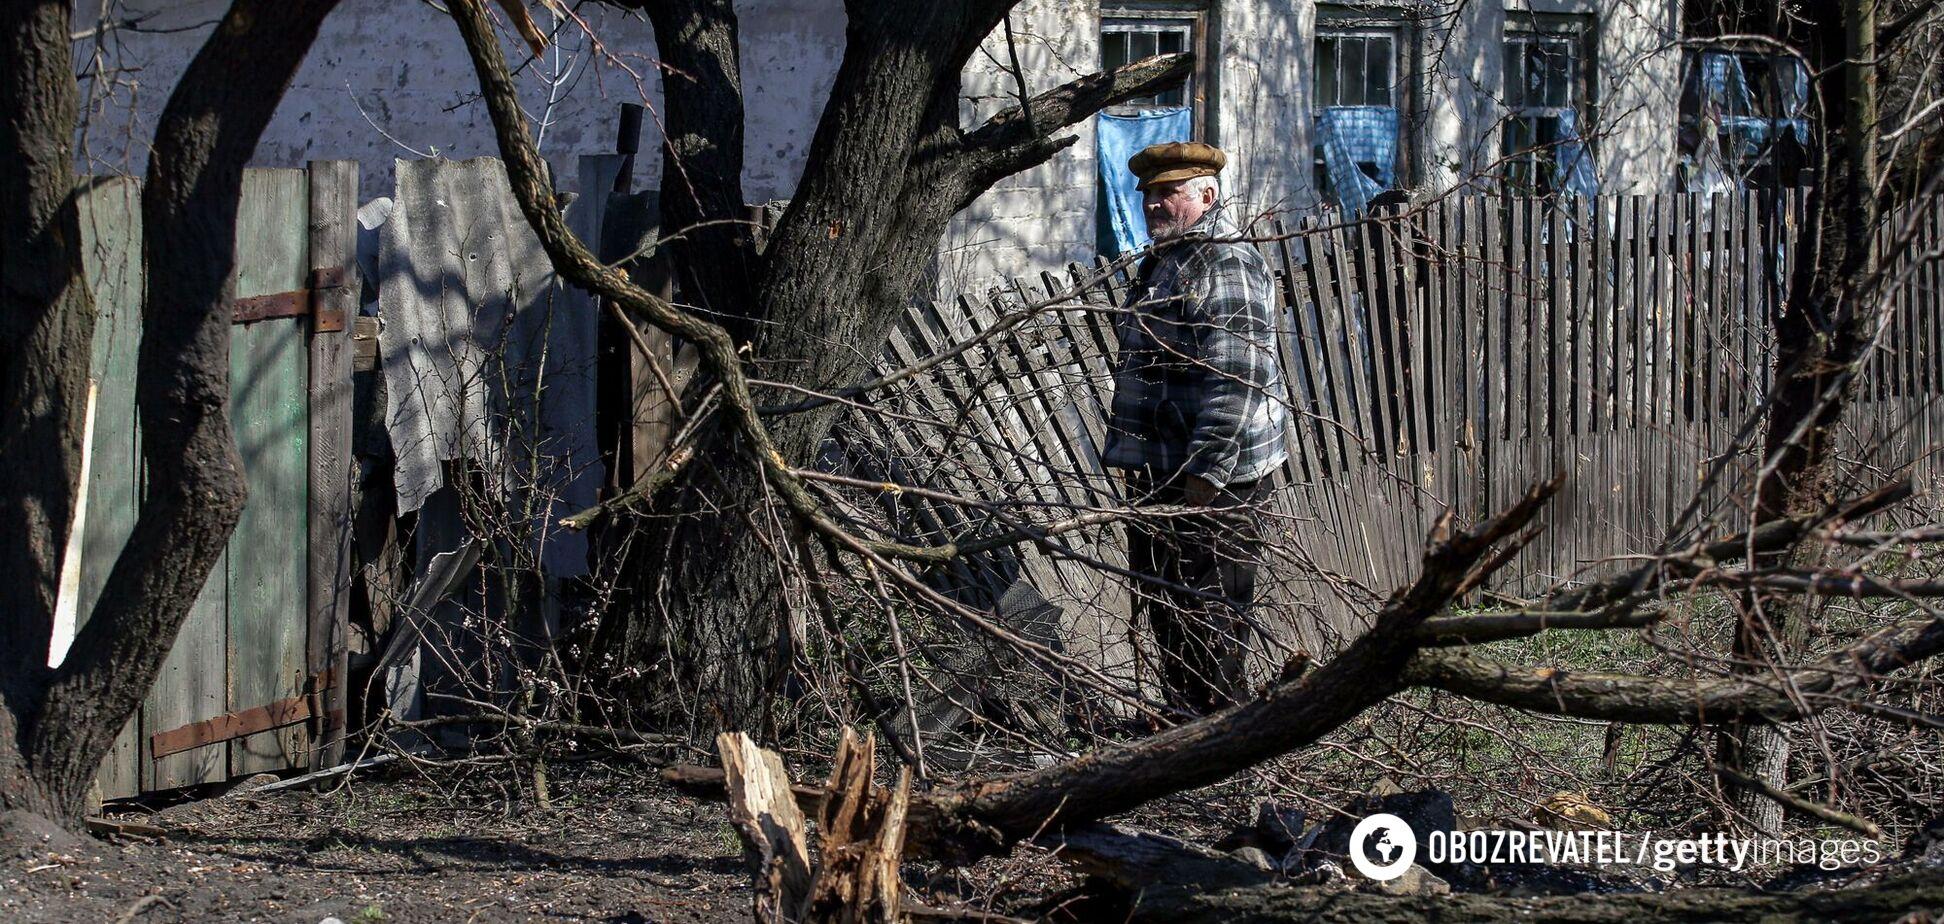 Безсмертний заявив, що повернення Донбасу в Україну неможливе